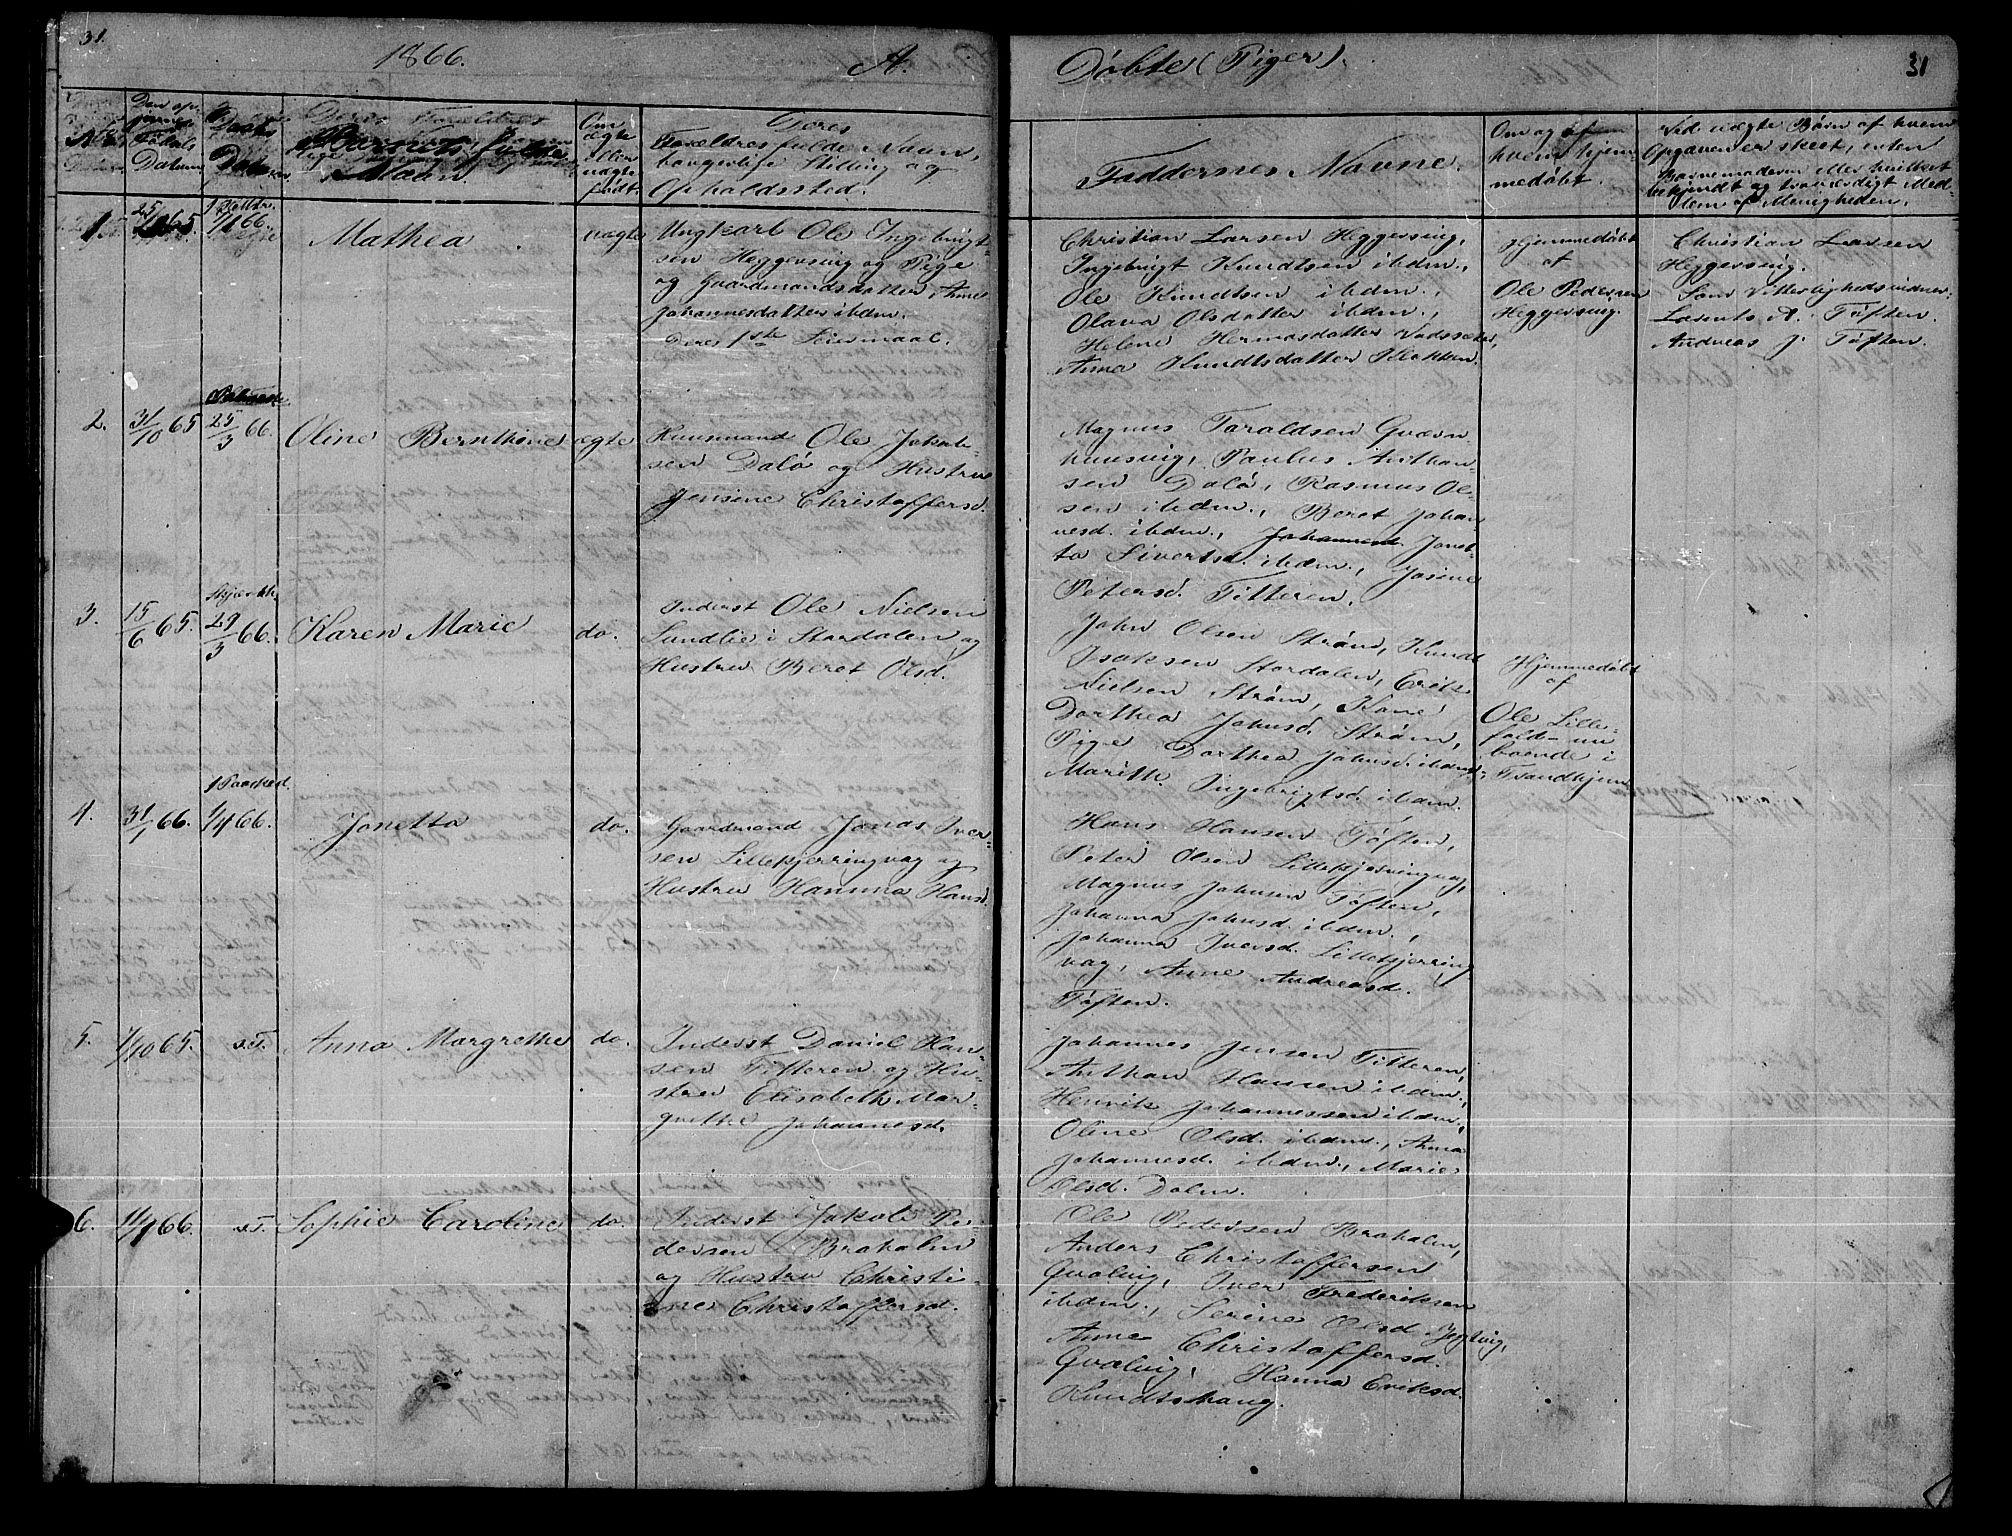 SAT, Ministerialprotokoller, klokkerbøker og fødselsregistre - Sør-Trøndelag, 634/L0539: Klokkerbok nr. 634C01, 1866-1873, s. 31